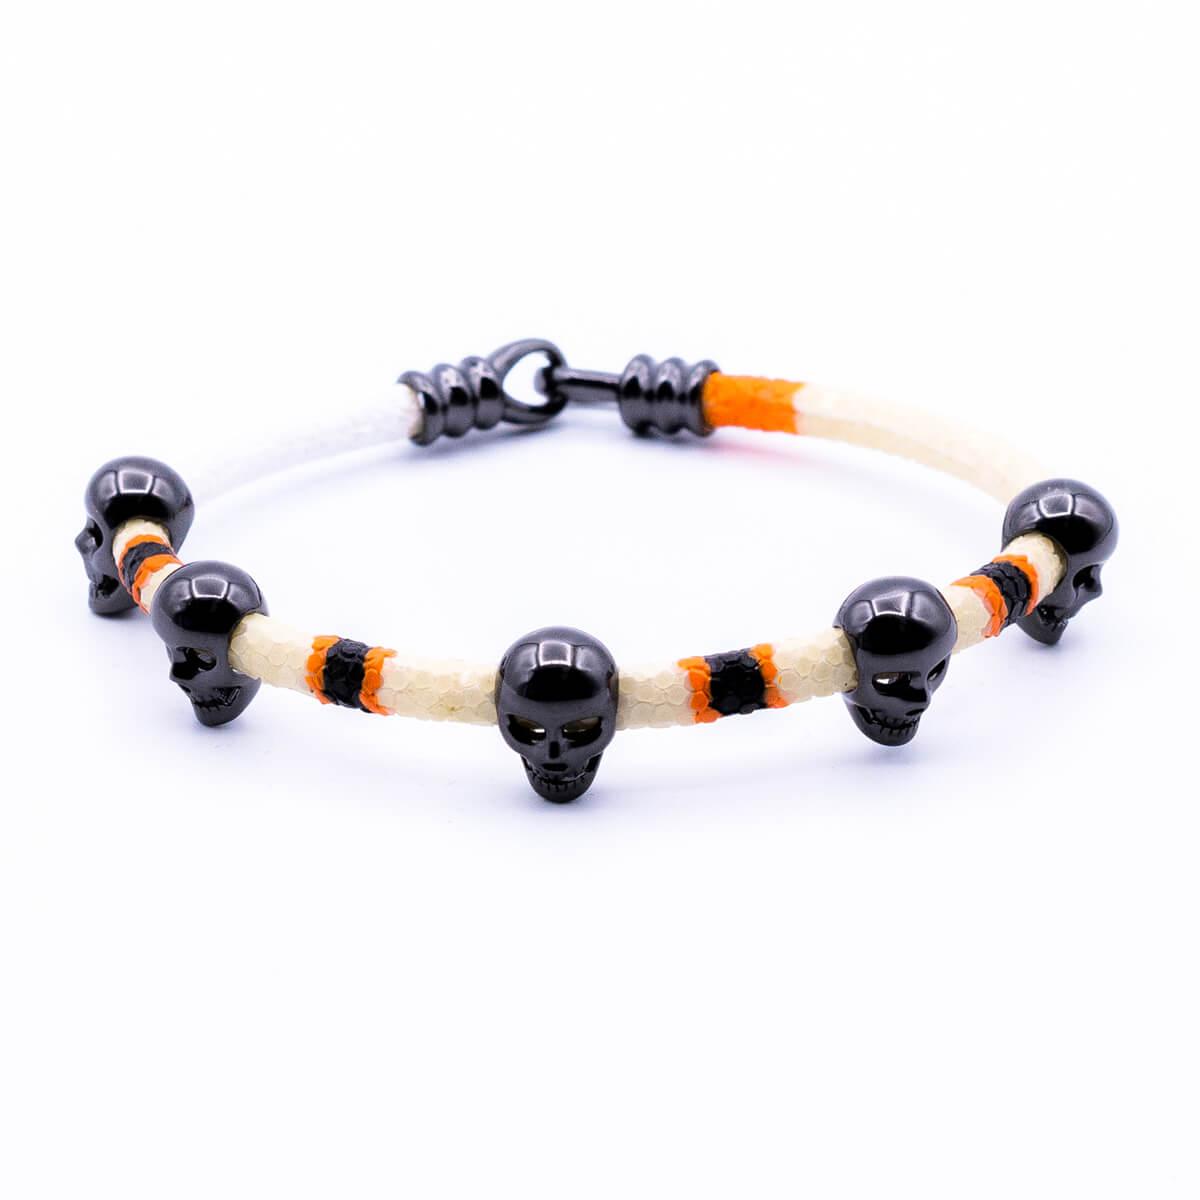 White stingray bracelet with black Multi Skull for man 6/10 size 20cm (OFF-BLACK)